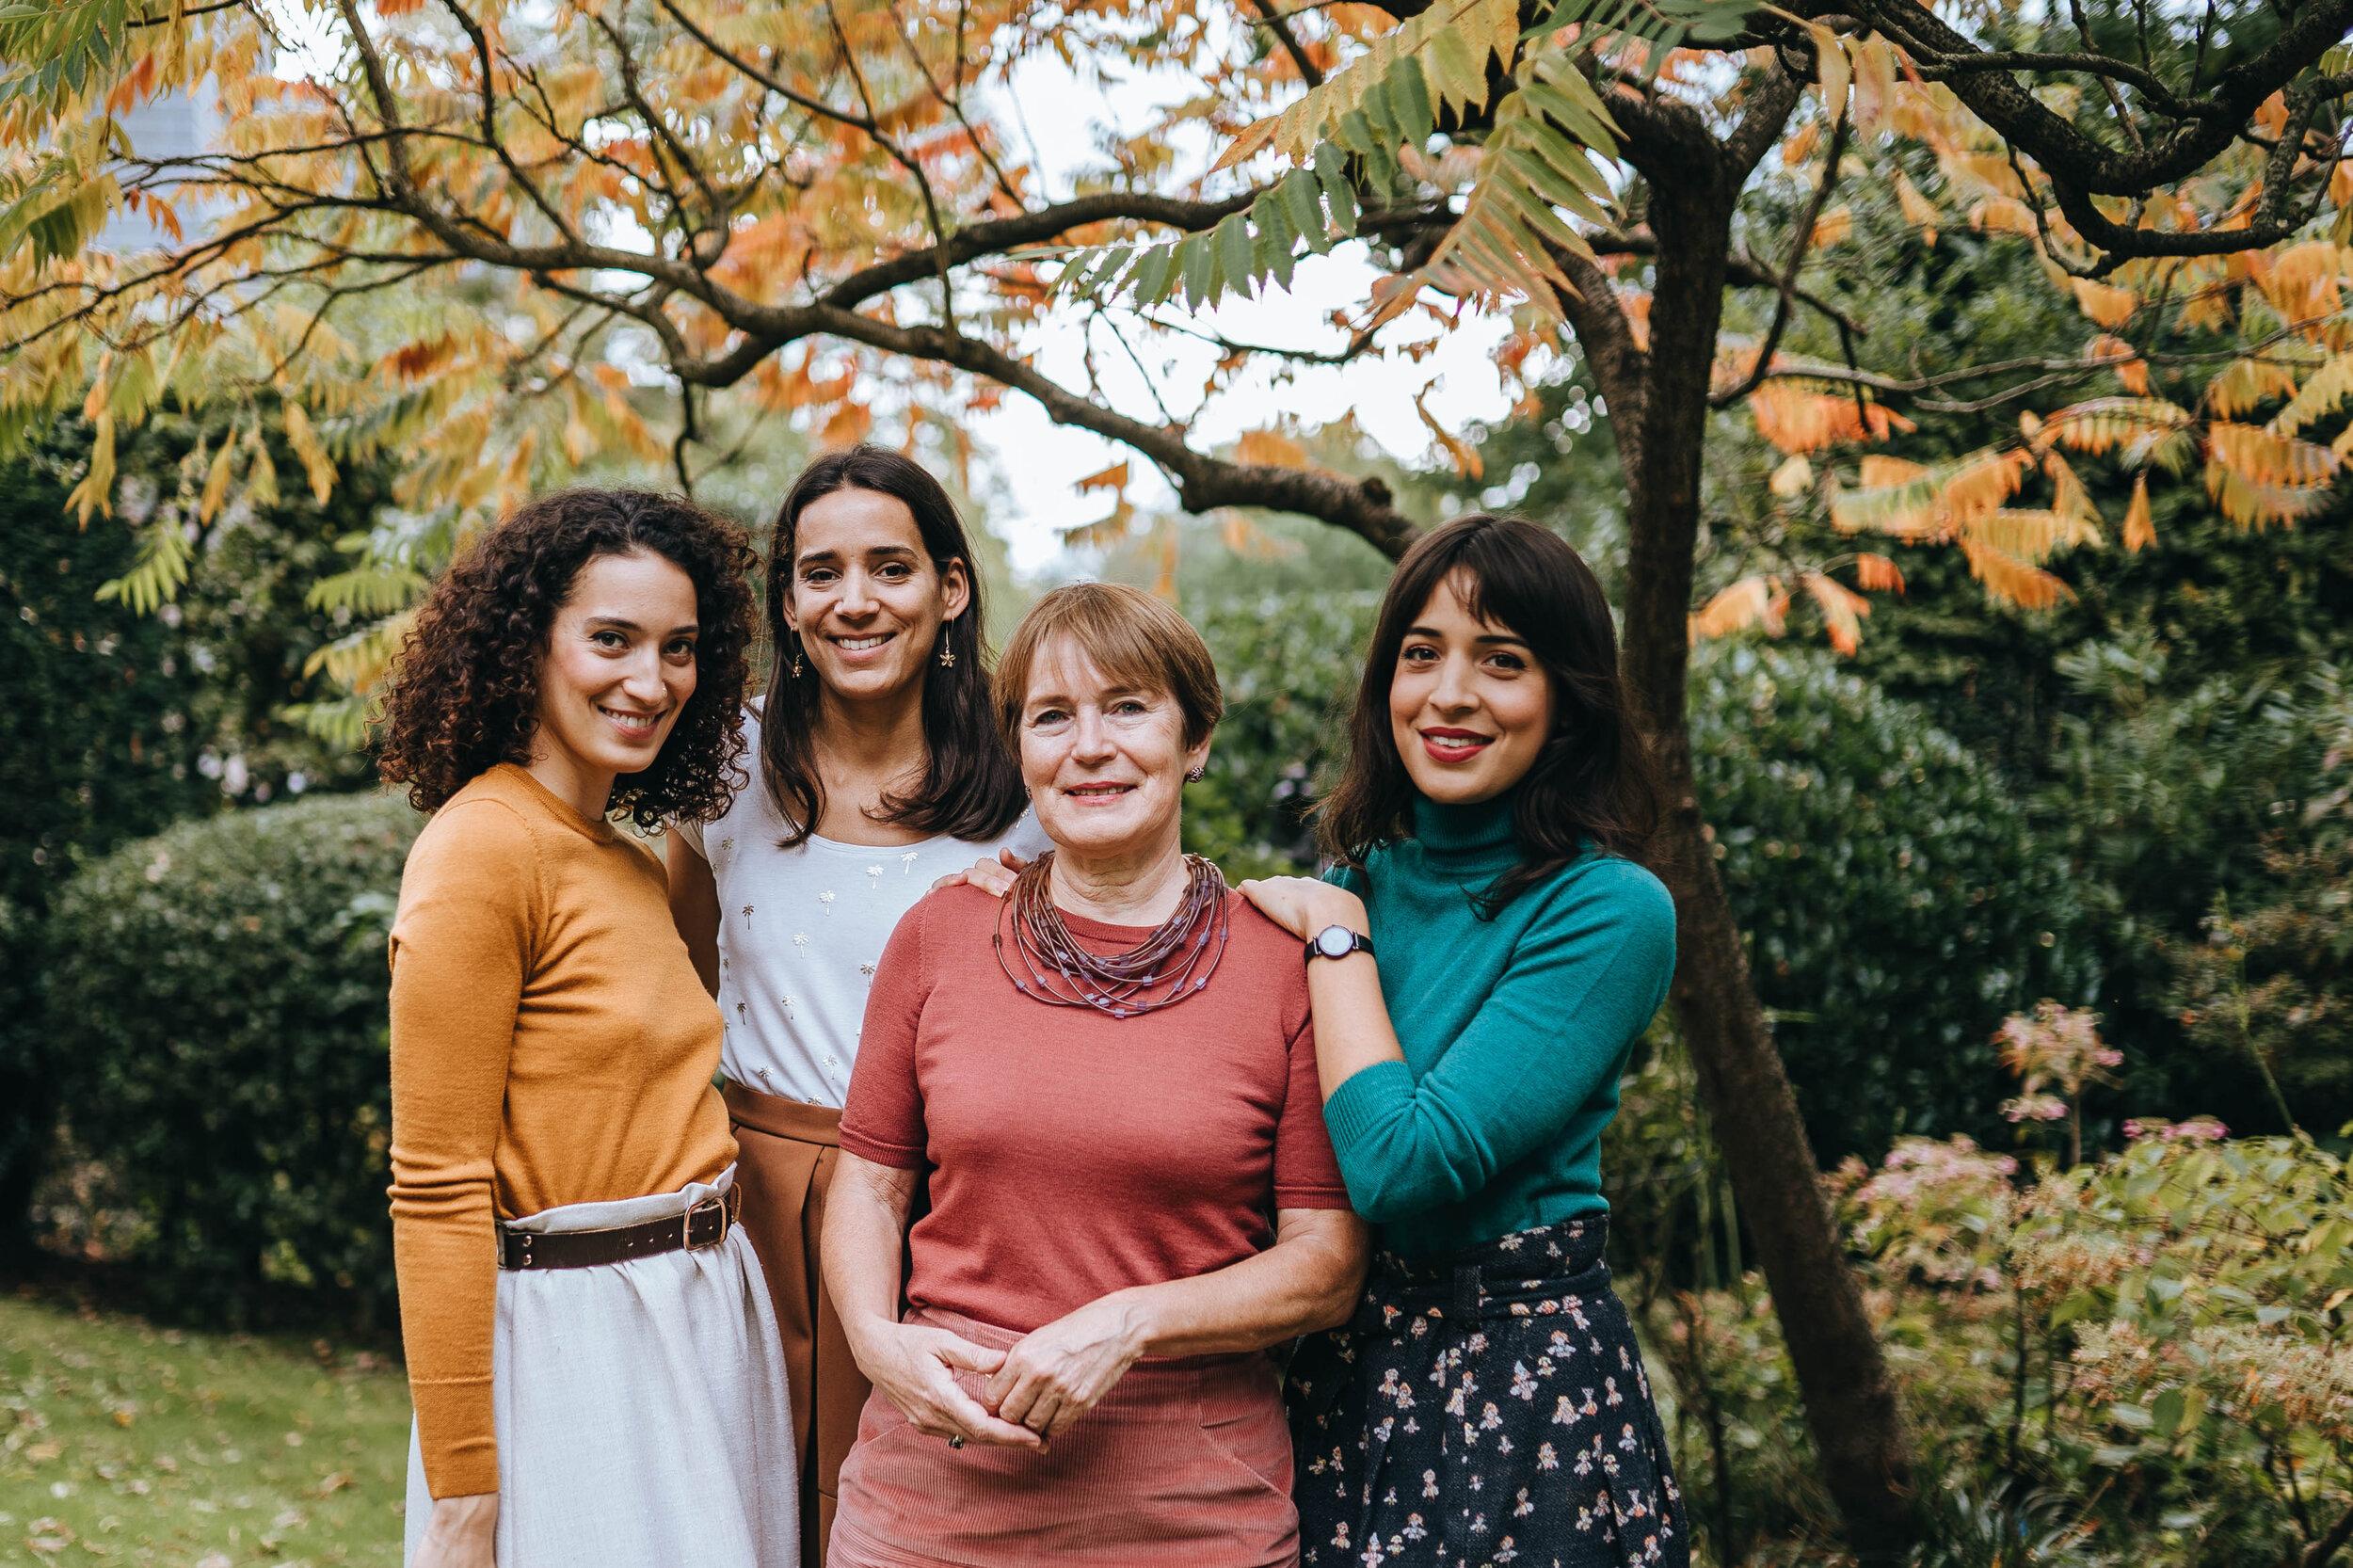 photographe-bruxelles-portrait-famille-automne-2.jpg